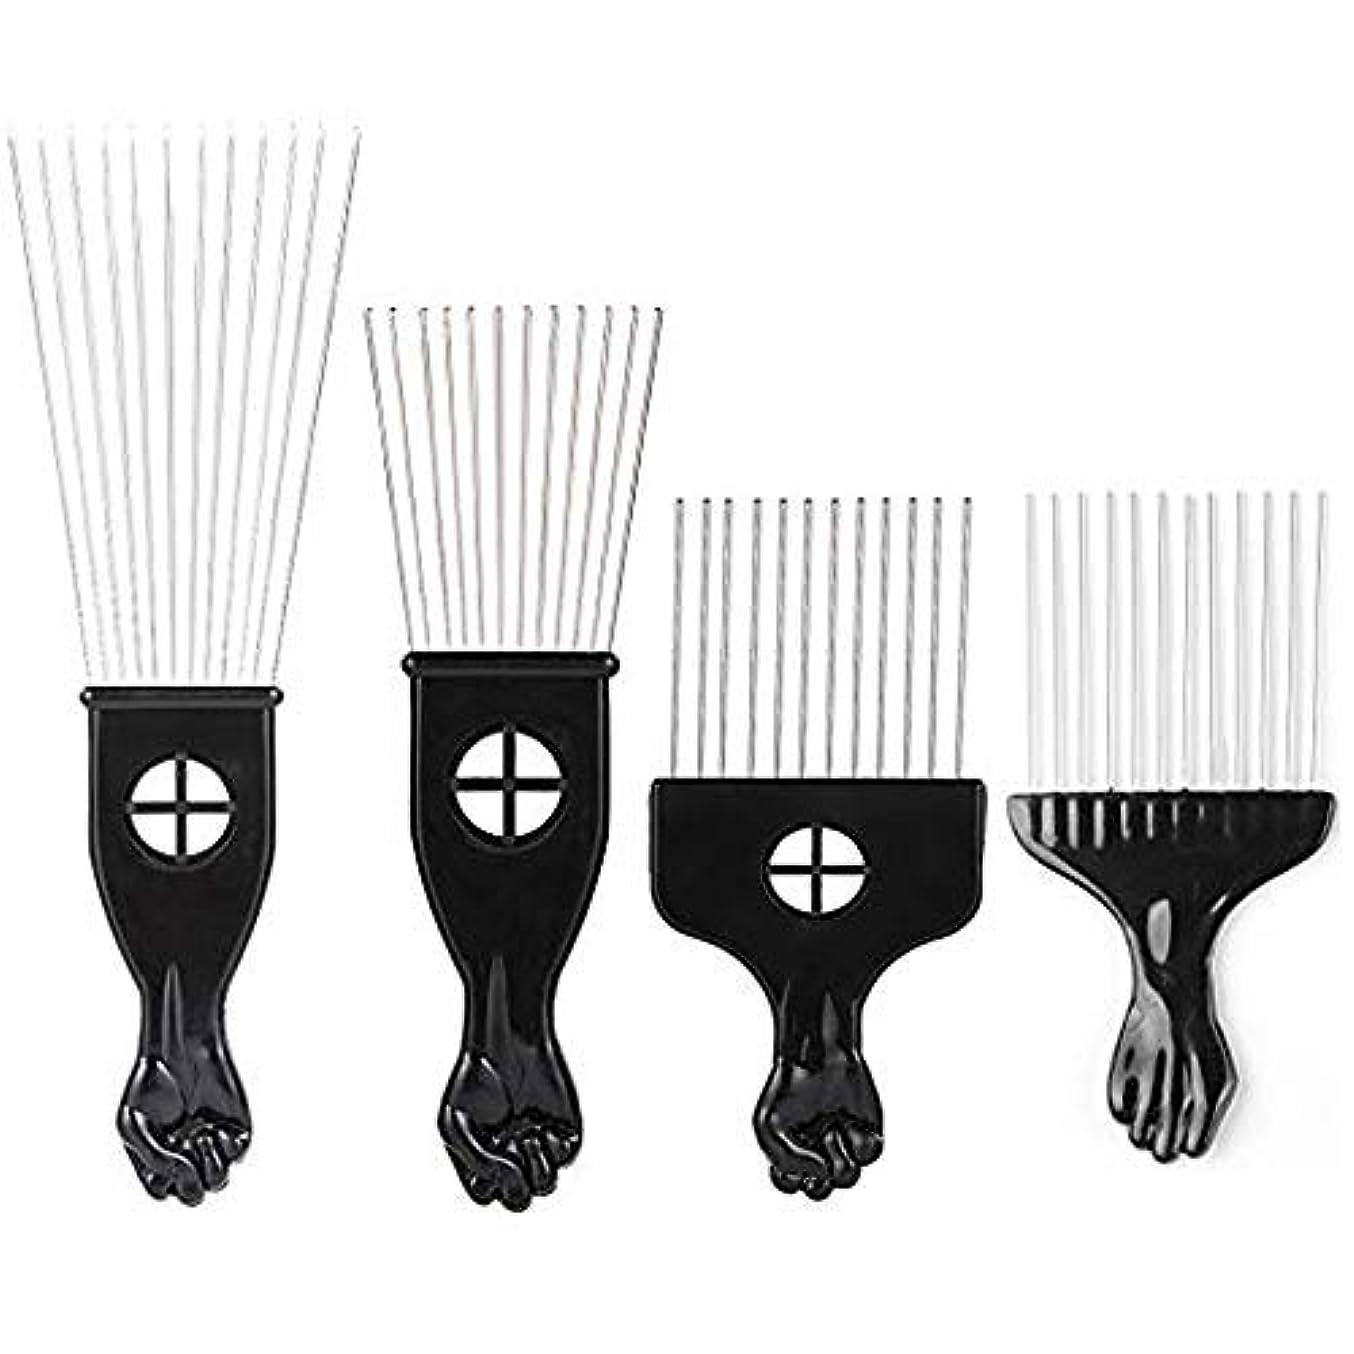 アウトドアクマノミ略すBorogo Afro Combs, 4-Pack Afro Pick w/Black Fist - Metal African American Pick Comb Straight Hair Brush Hairdressing...